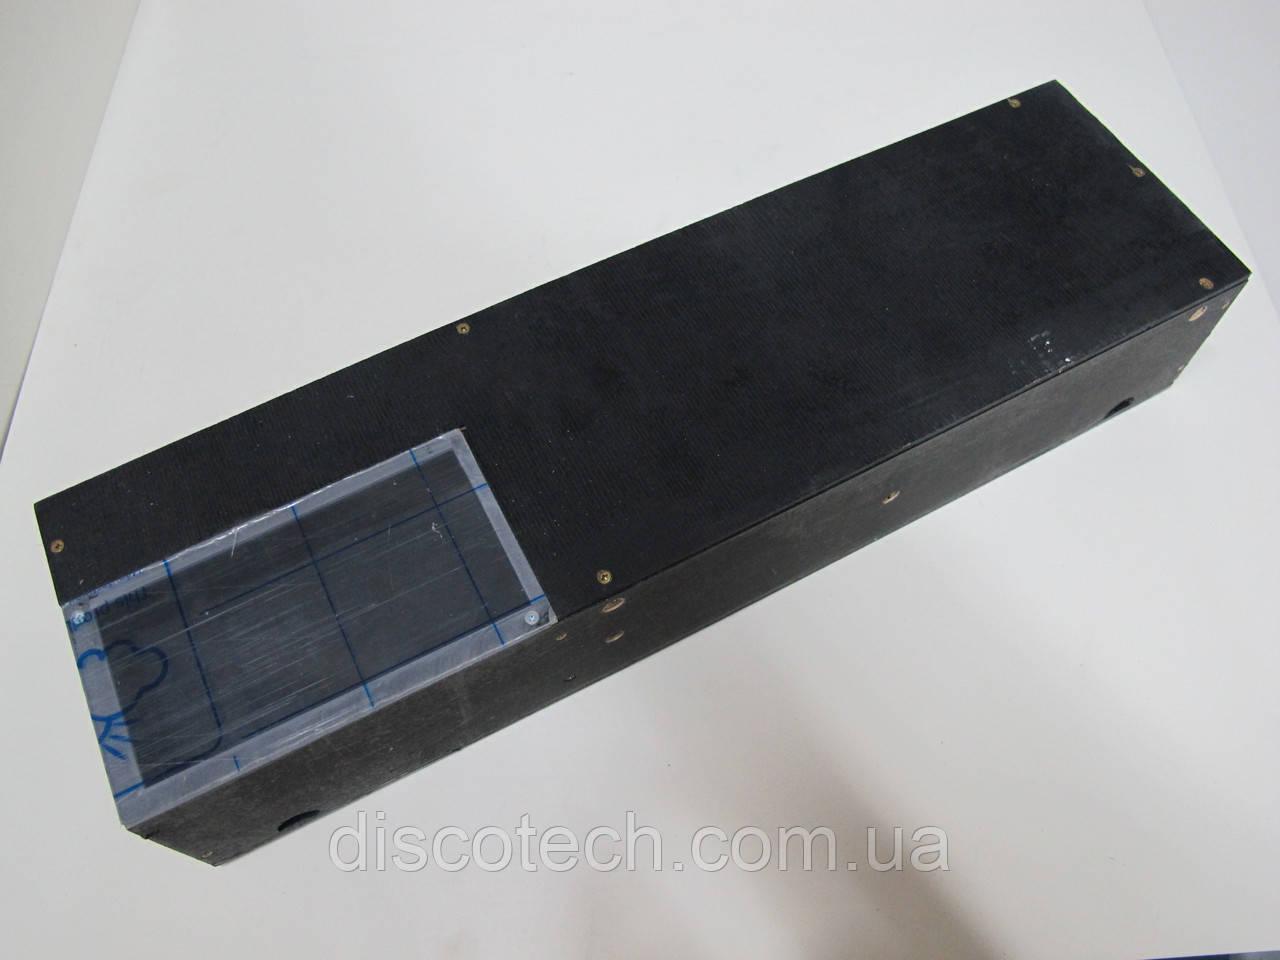 Короб защитный 500*150*95мм для блоков питания